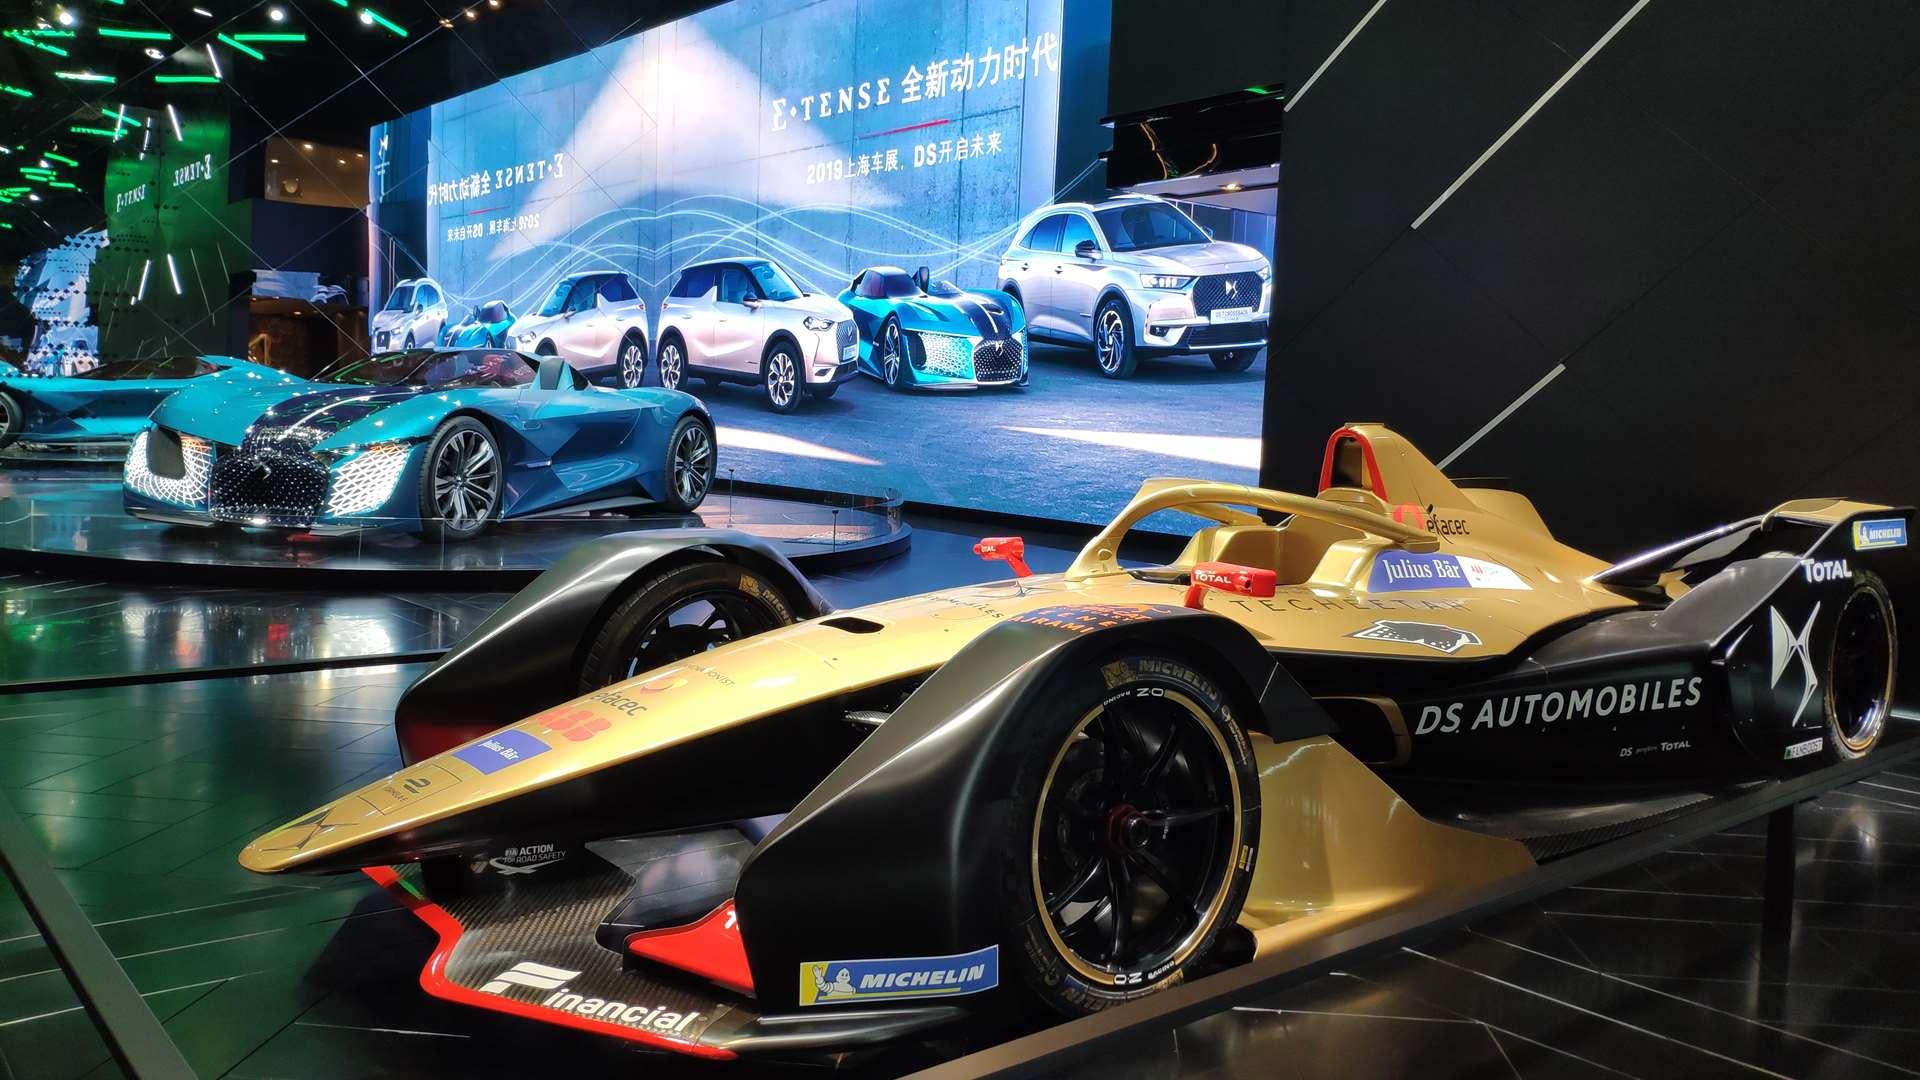 技术来源于FE领跑赛车的DS新能源车型香吗?